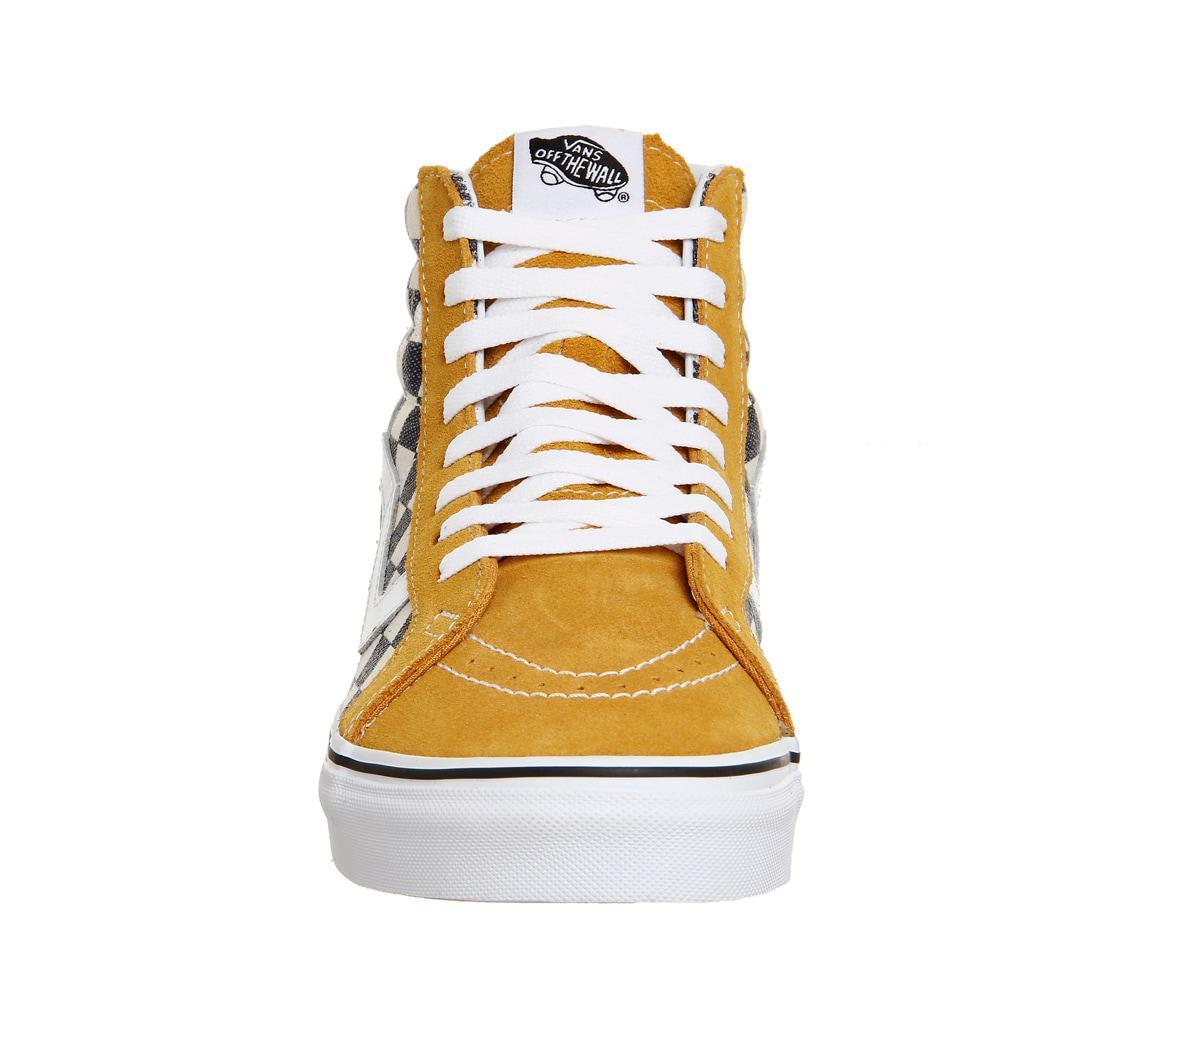 dc7bf2d6d9 Lyst - Vans Sk8 Hi Reissue in Yellow